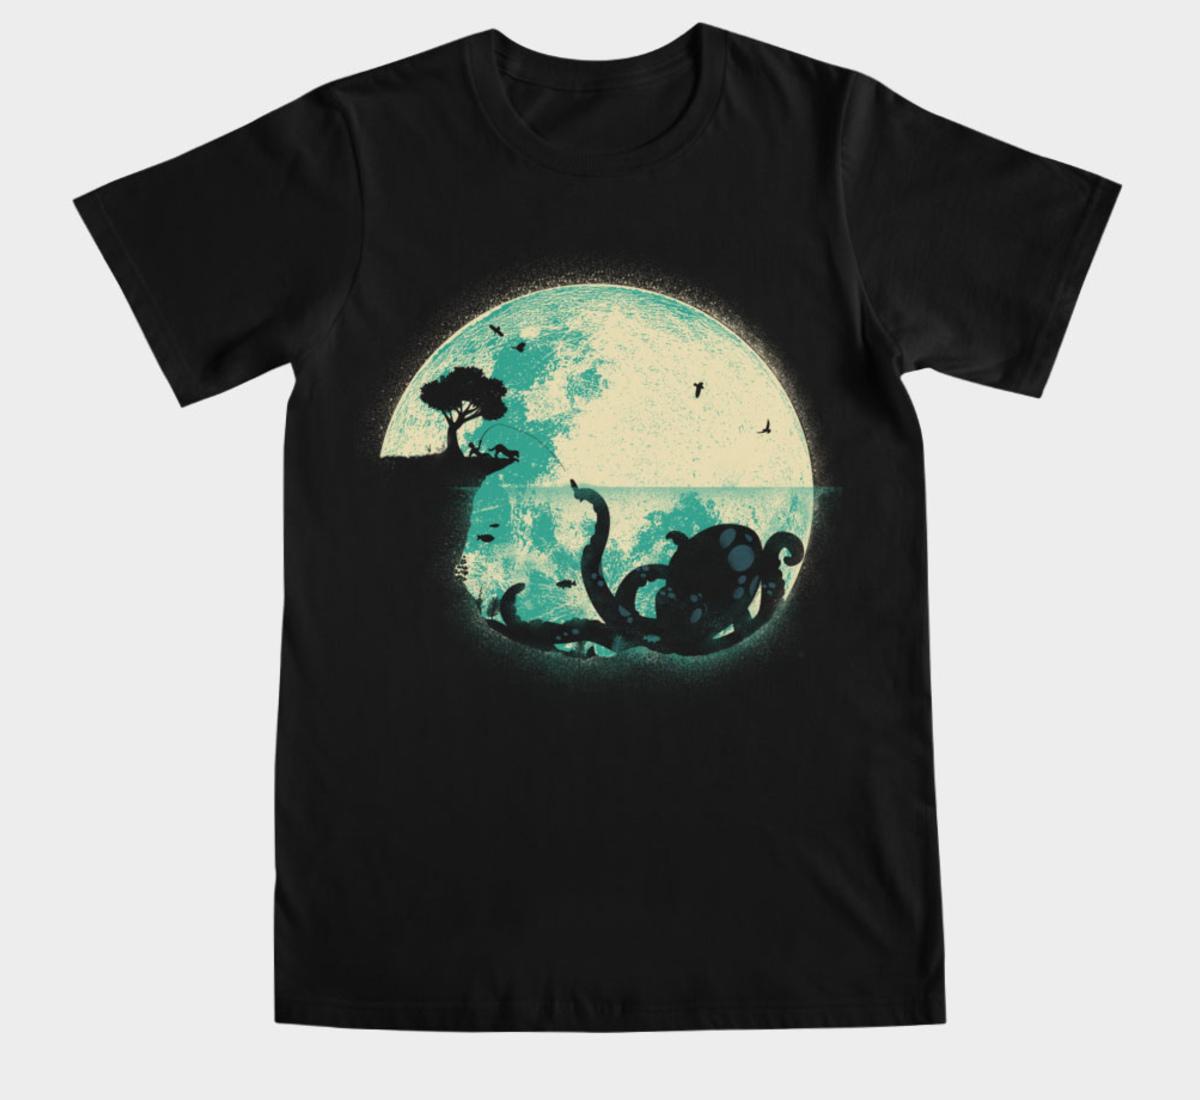 shirt_guys_01-1